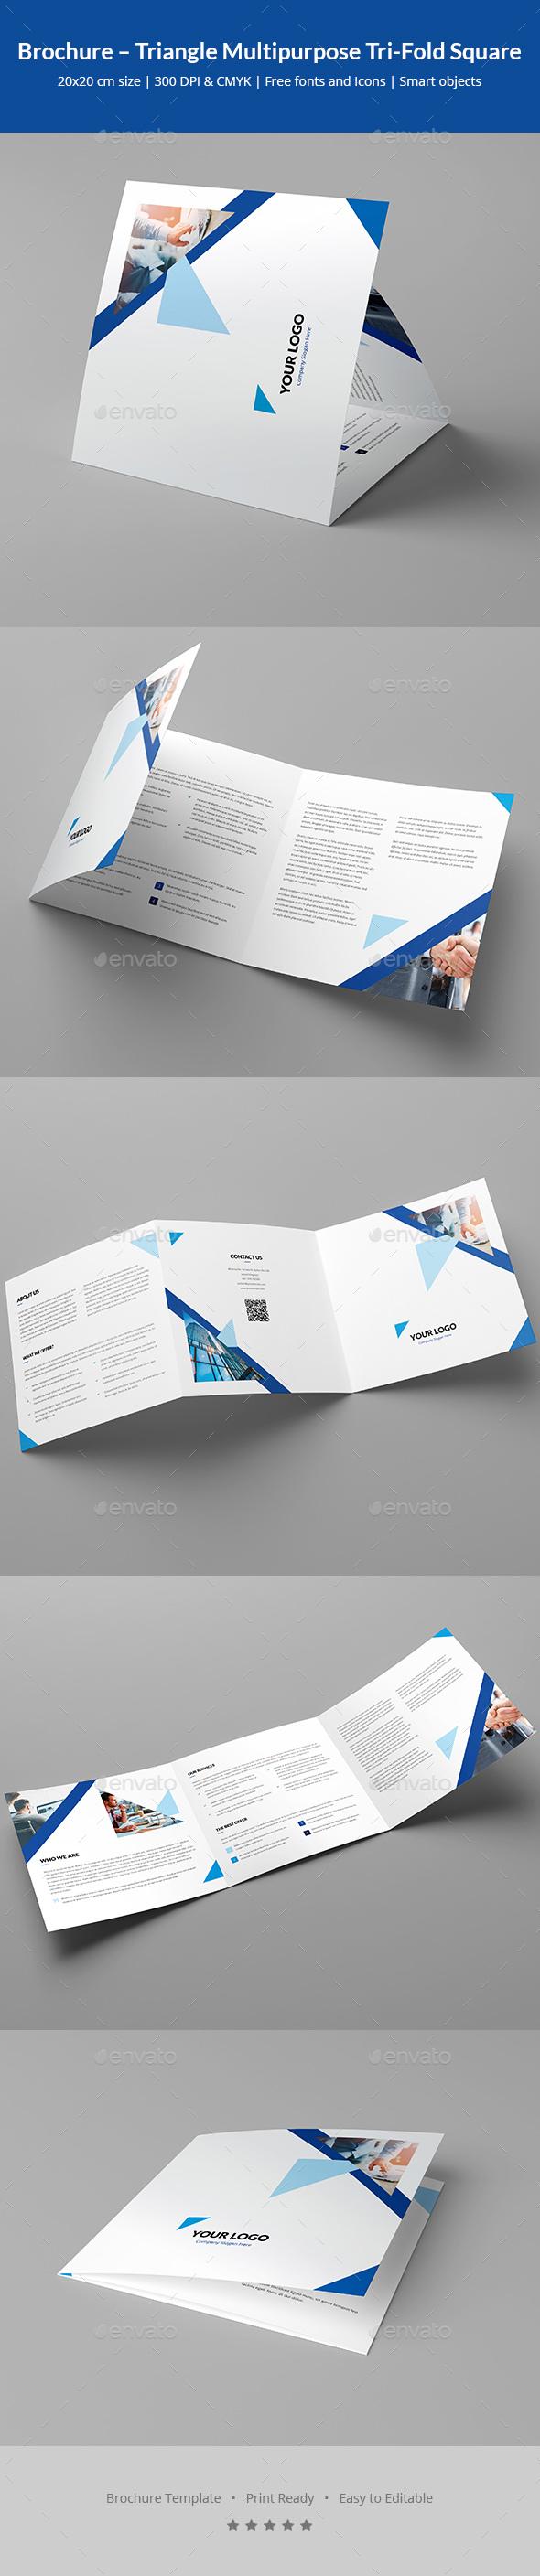 GraphicRiver Brochure Triangle Multipurpose Tri-Fold Square 20594108